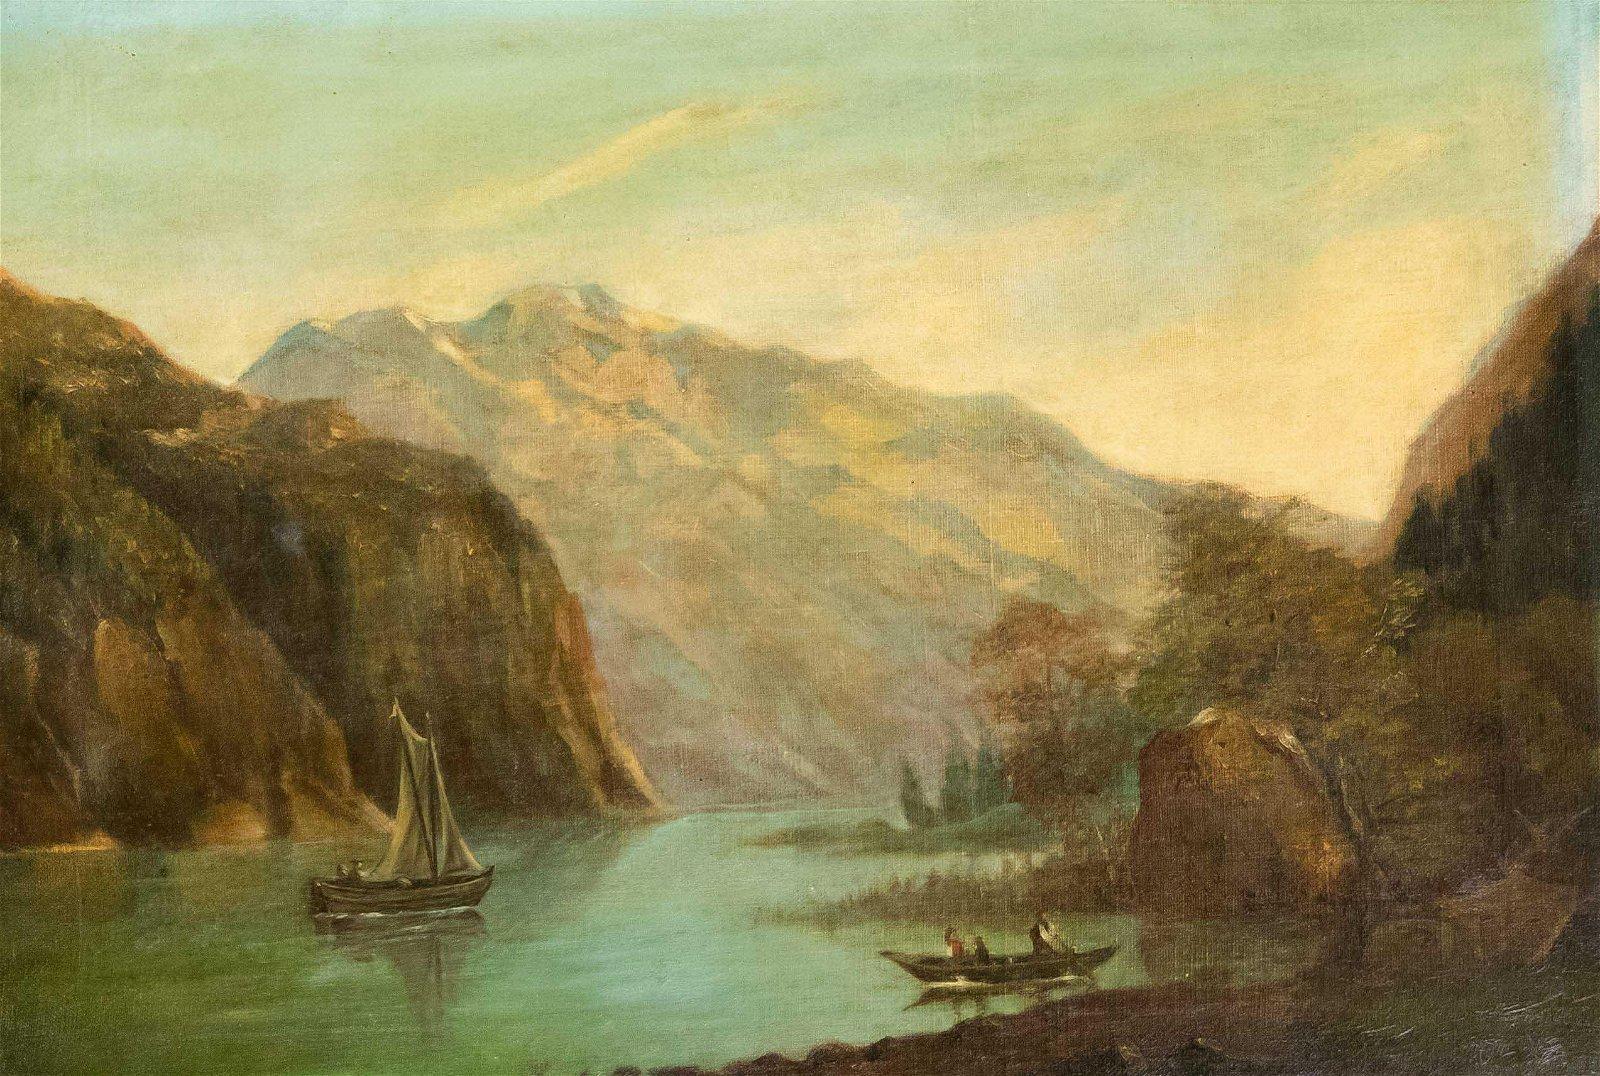 Anonymous landscape paint